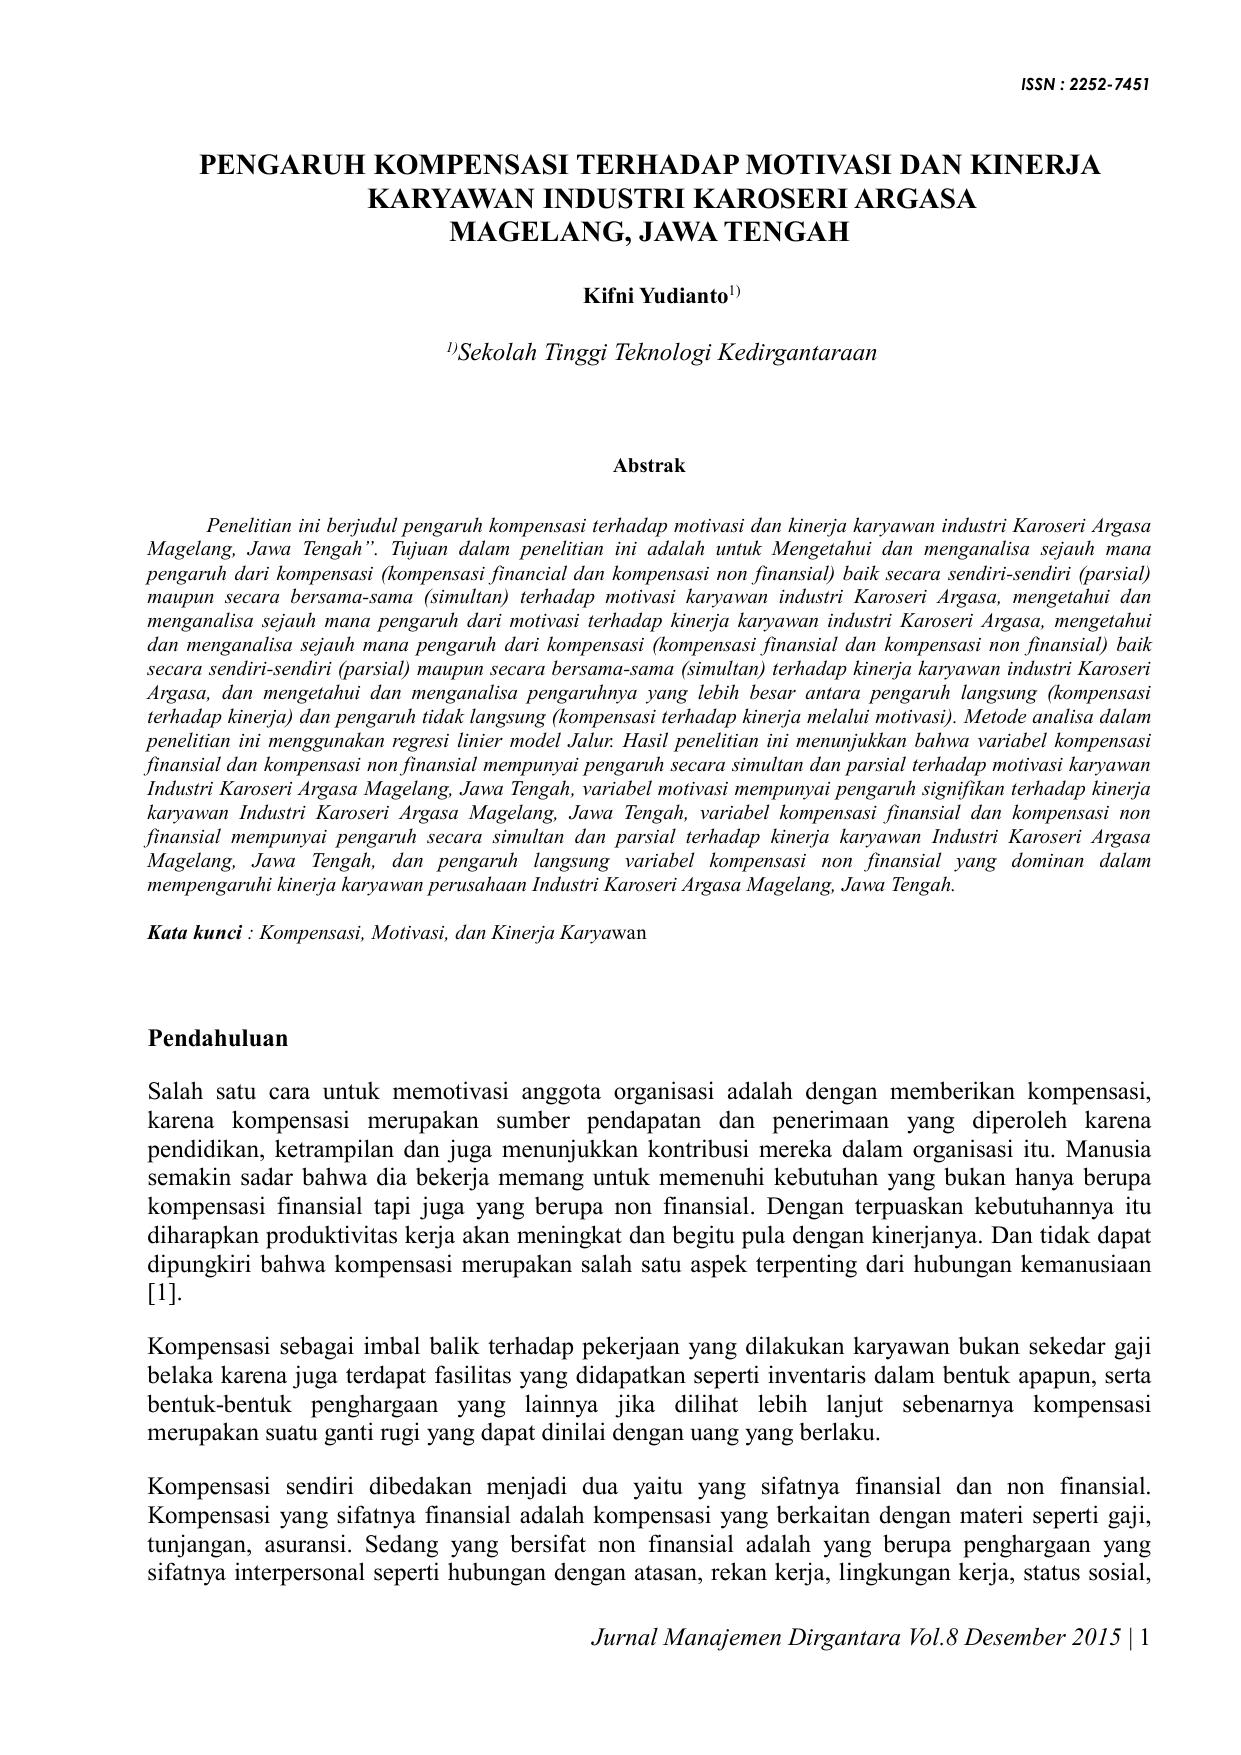 Skripsi Pengaruh Kompensasi Dan Motivasi Terhadap Kinerja Karyawan Kumpulan Berbagai Skripsi